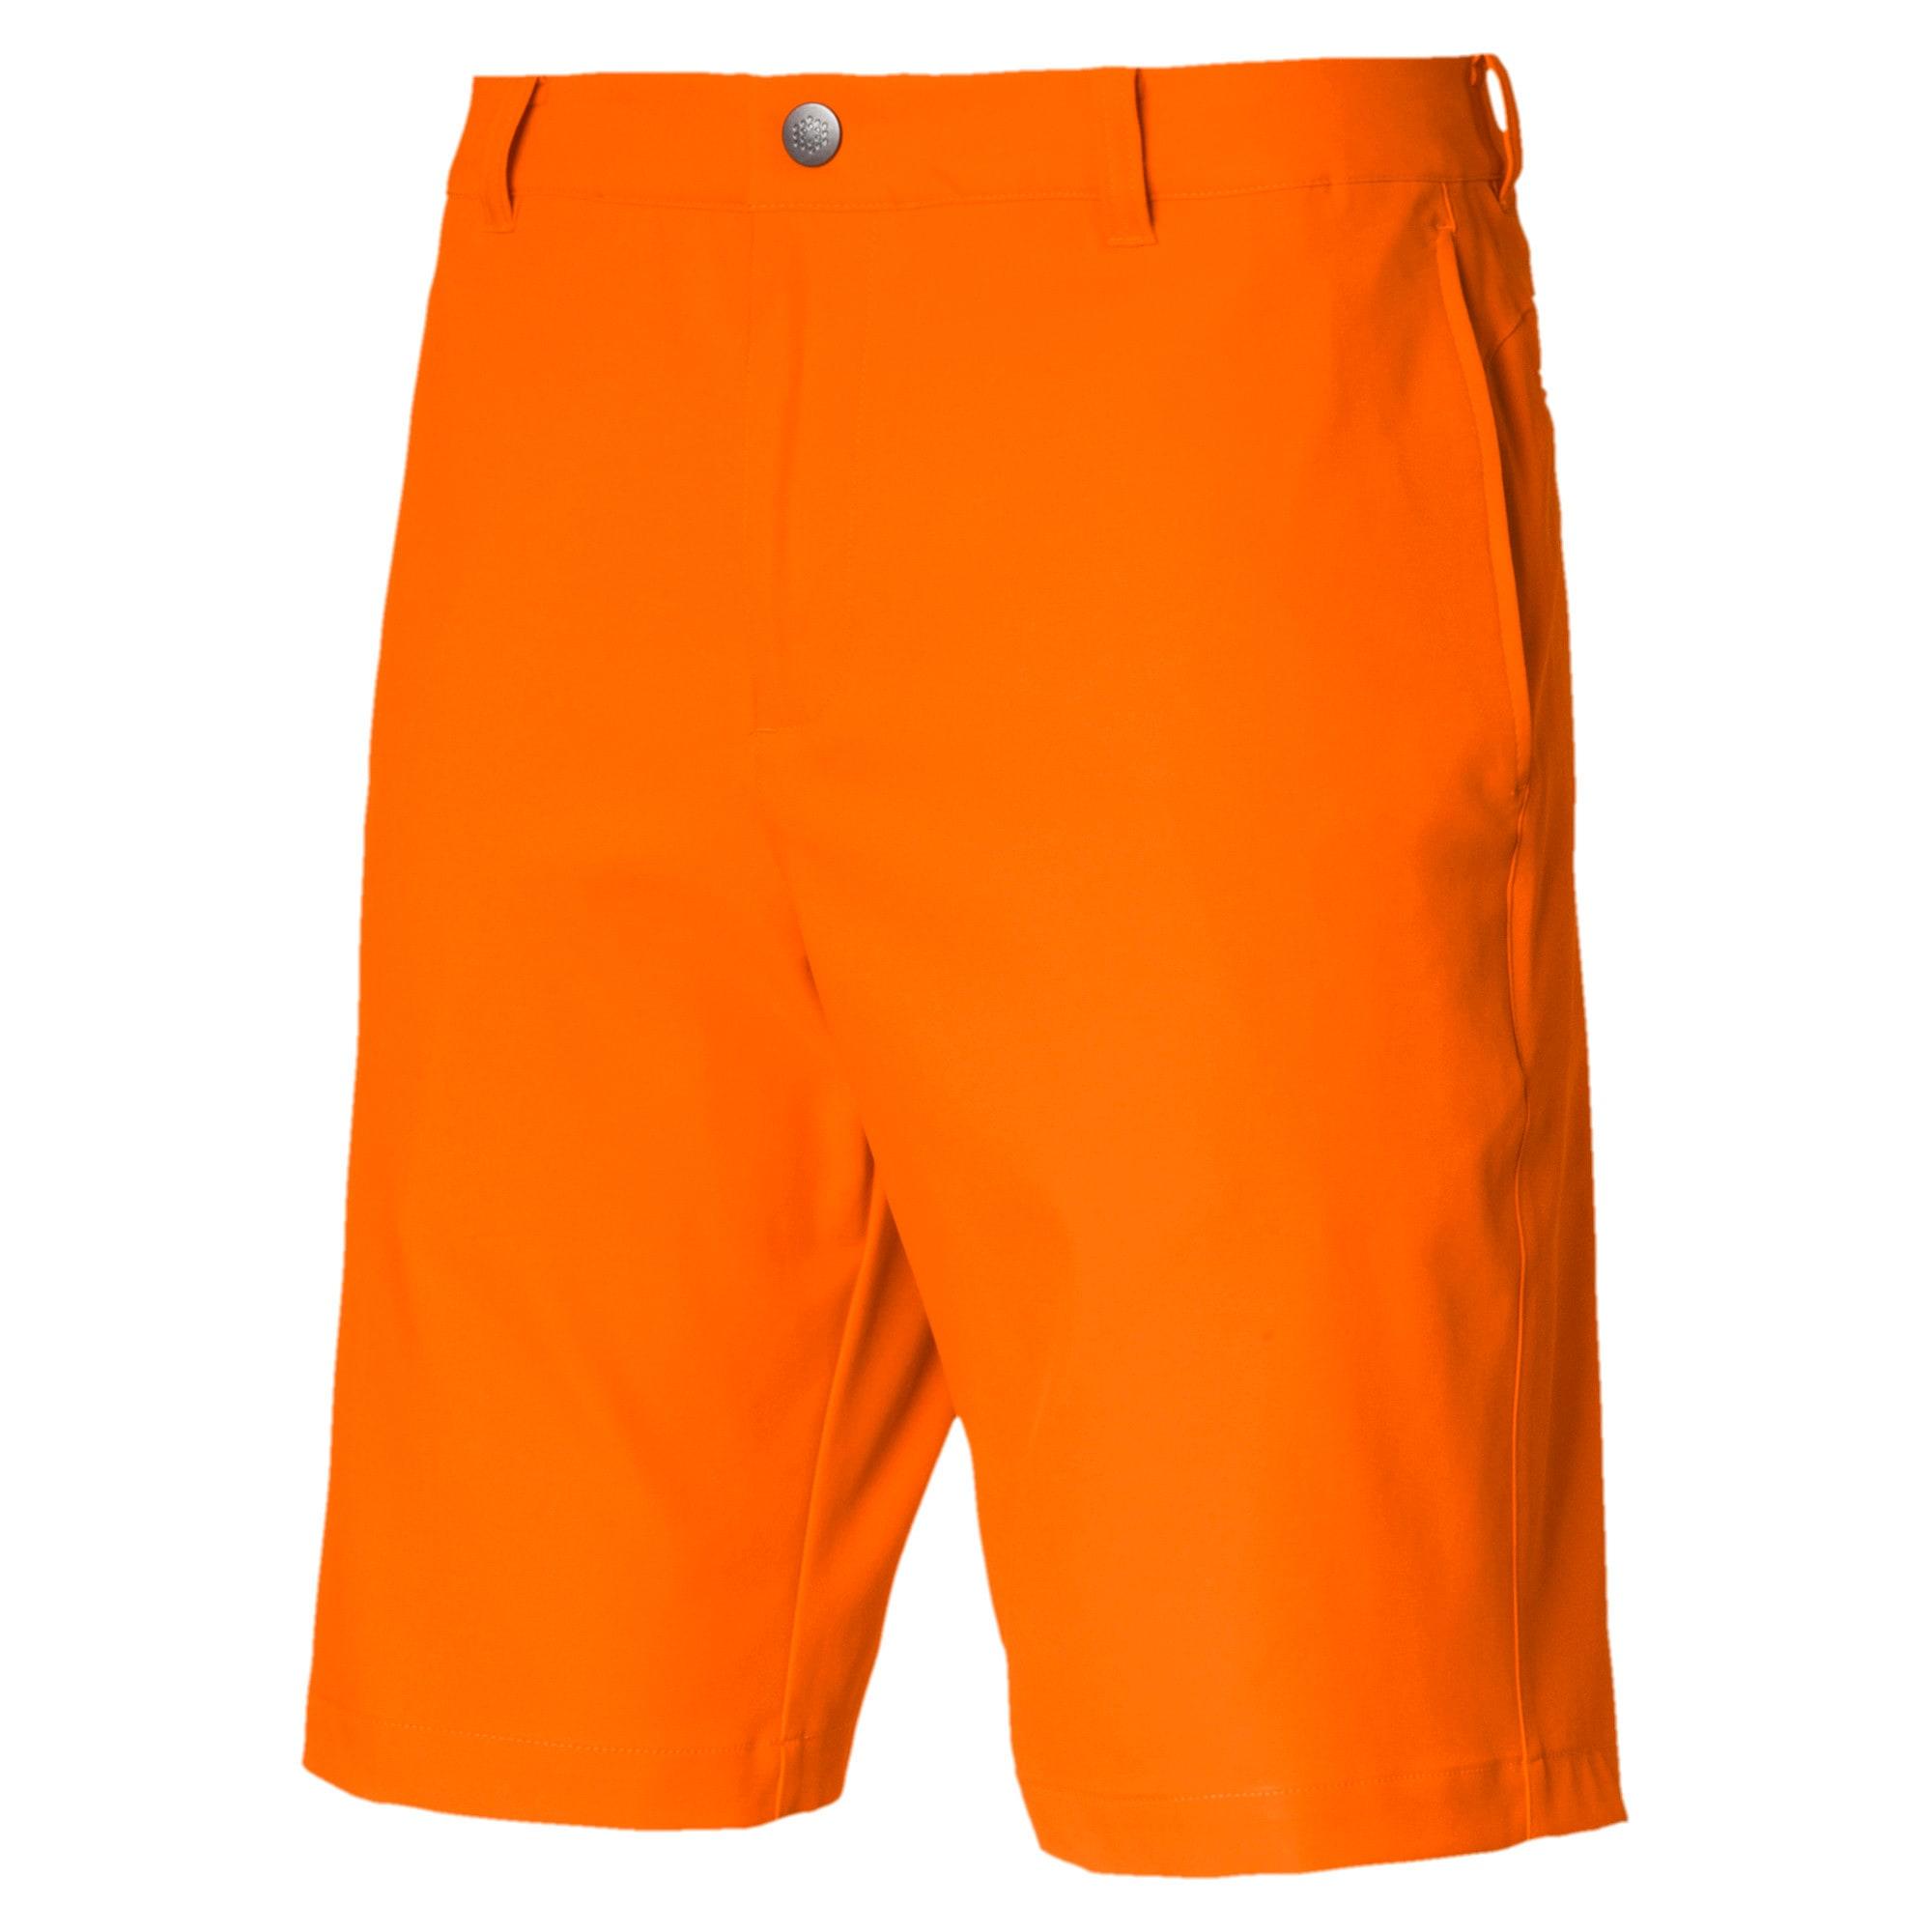 Thumbnail 1 of Jackpot Men's Shorts, Vibrant Orange, medium